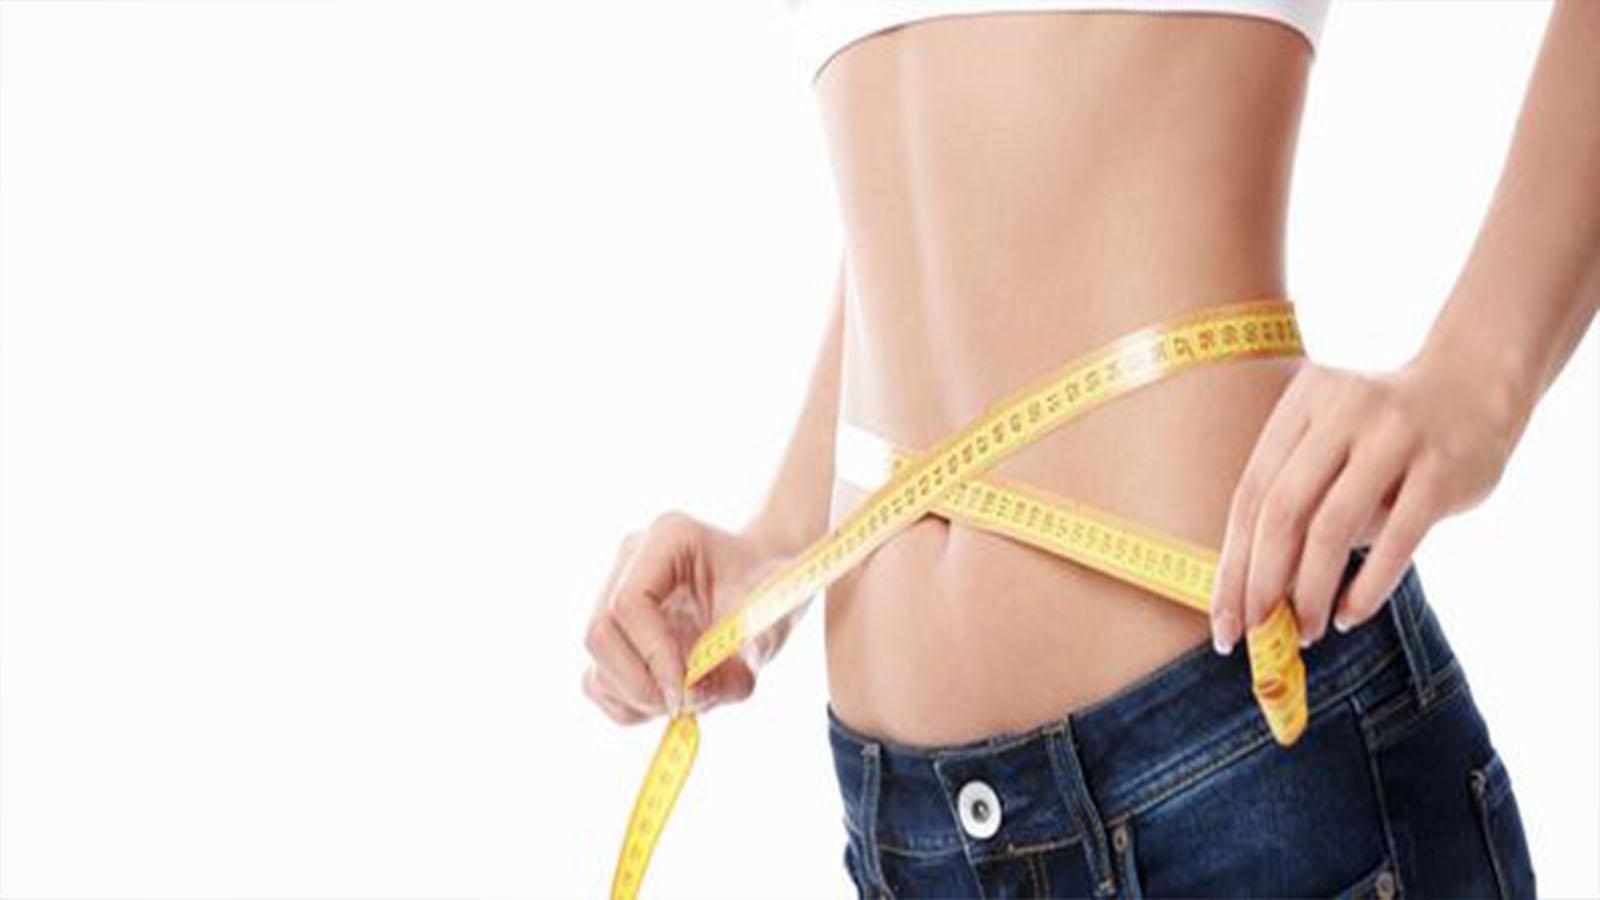 諦めるにはまだ早い!お腹周りダイエットは原因に合った方法で効果的に痩せられる